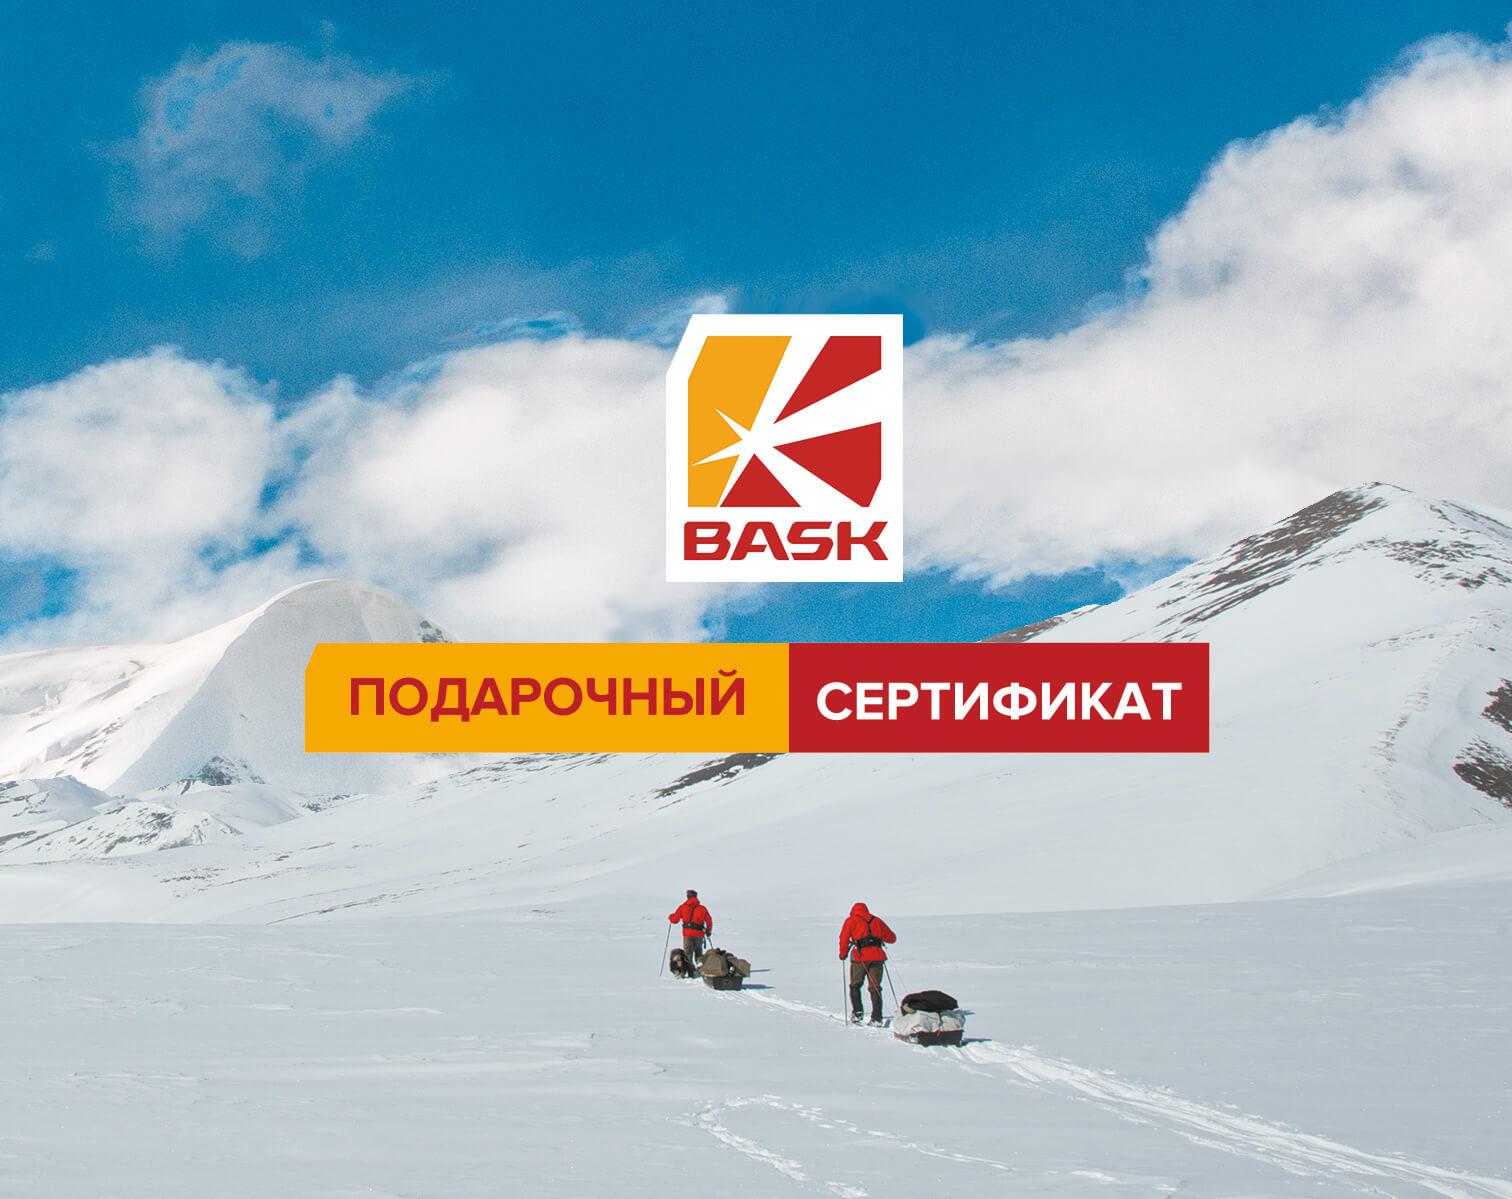 Подарочный Сертификат BASK на 5000 рублей YL0105